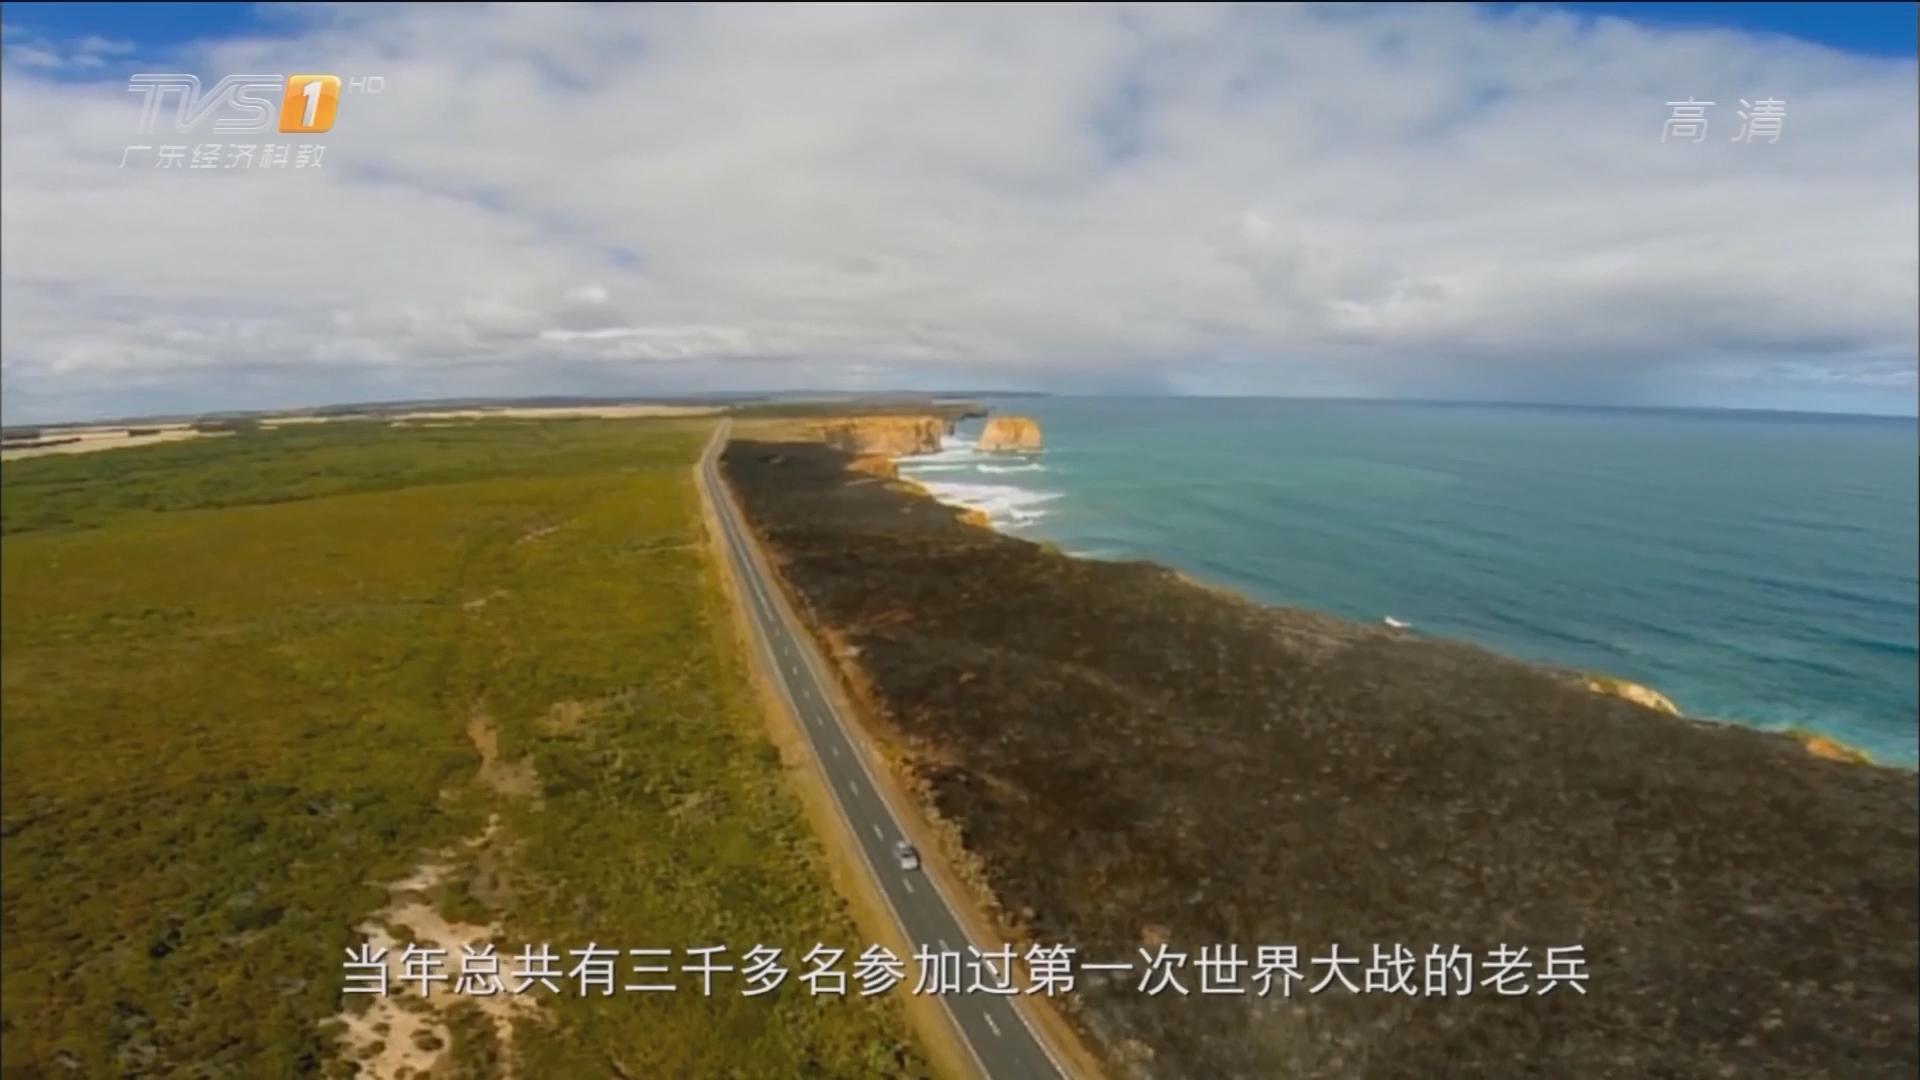 澳大利亚——大洋路